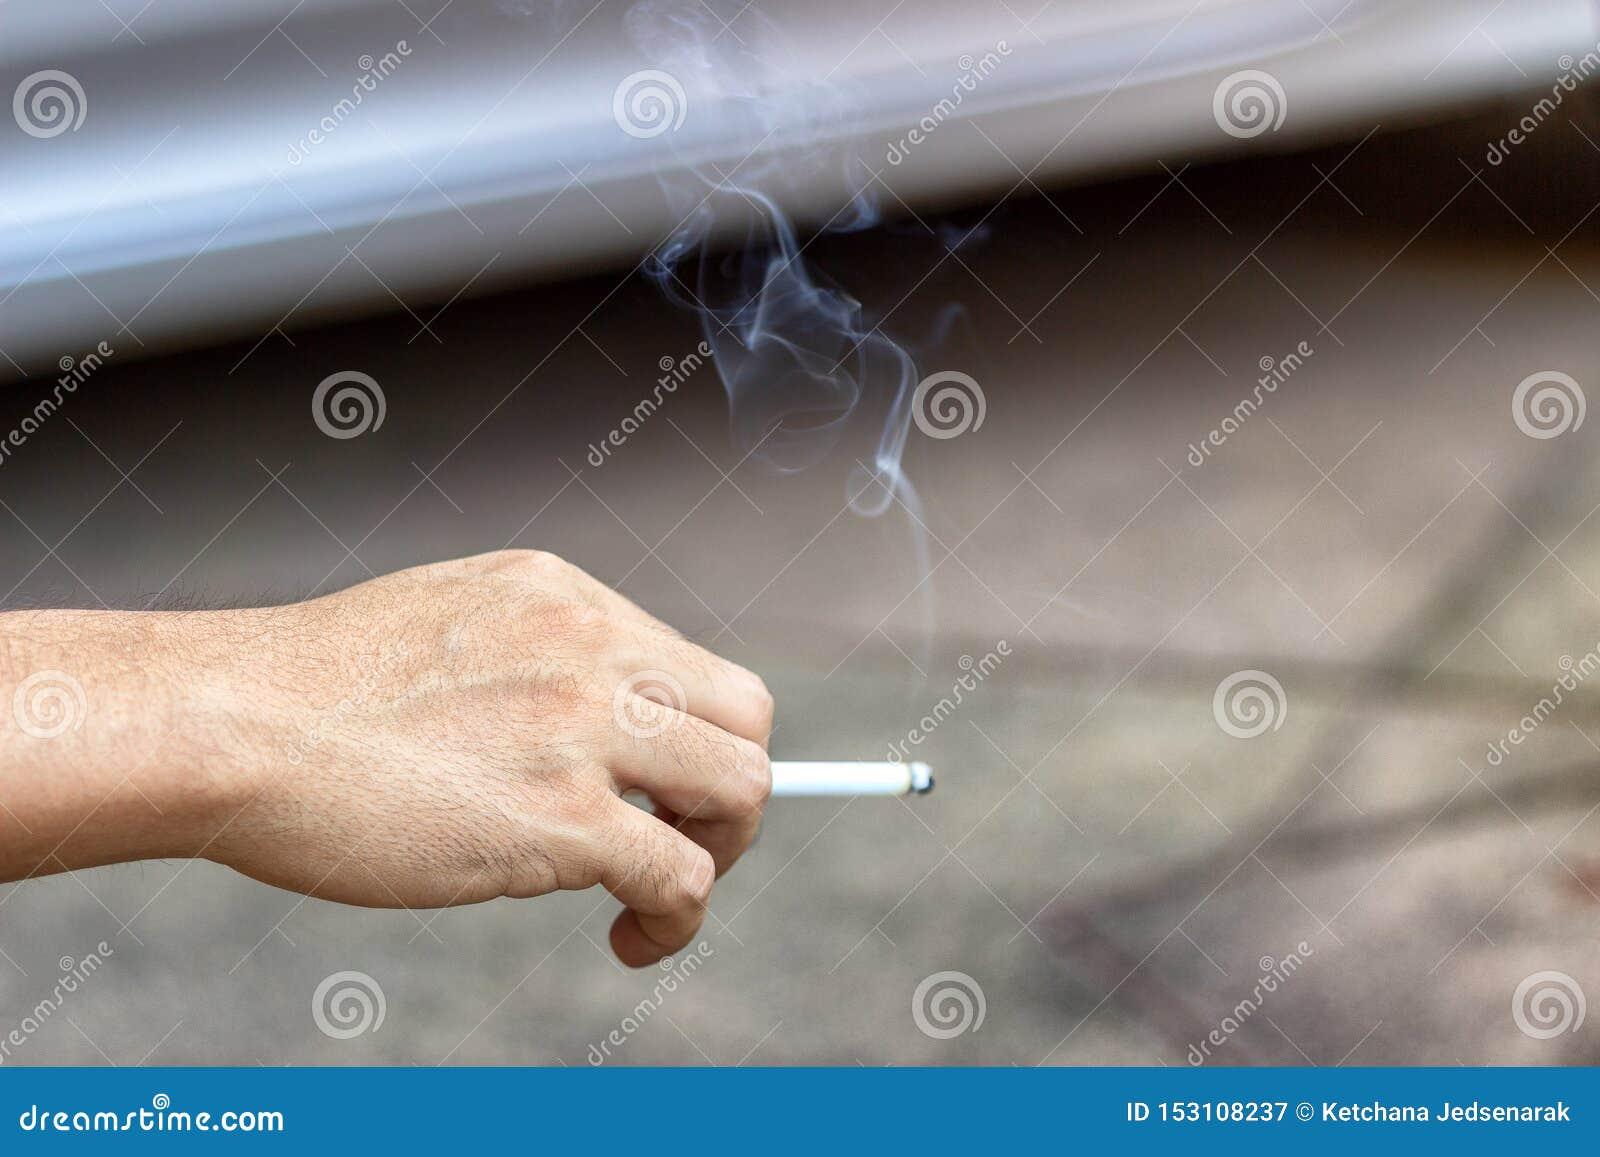 Pojęcie dymienia zaprzestanie z męskimi rękami niesie dymnych papierosów leki które są szkodliwi ludzie wokoło i,